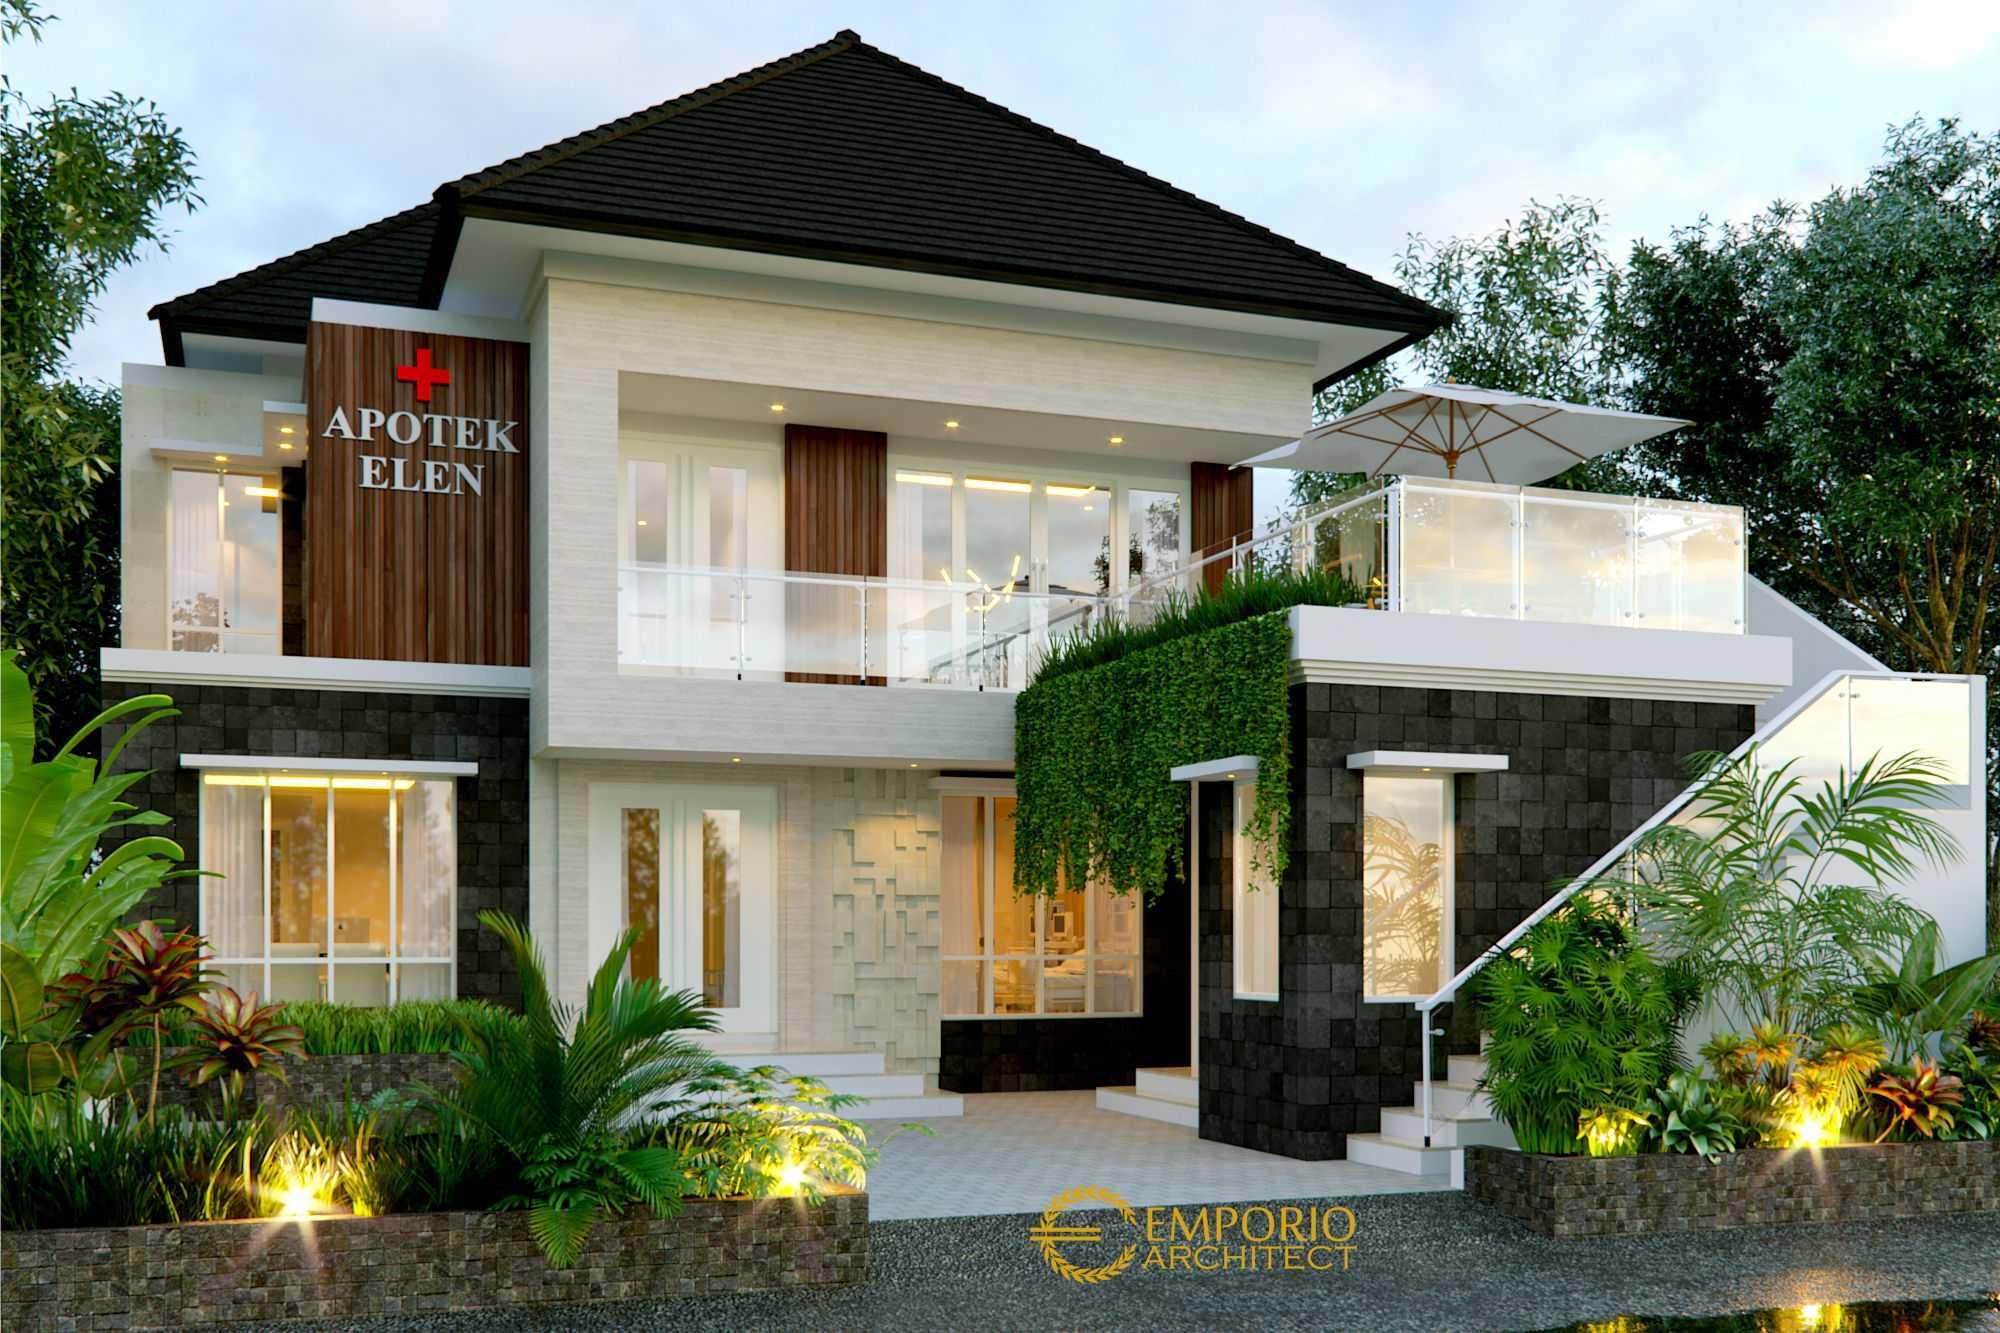 Jasa Arsitek Emporio Architect di Papua